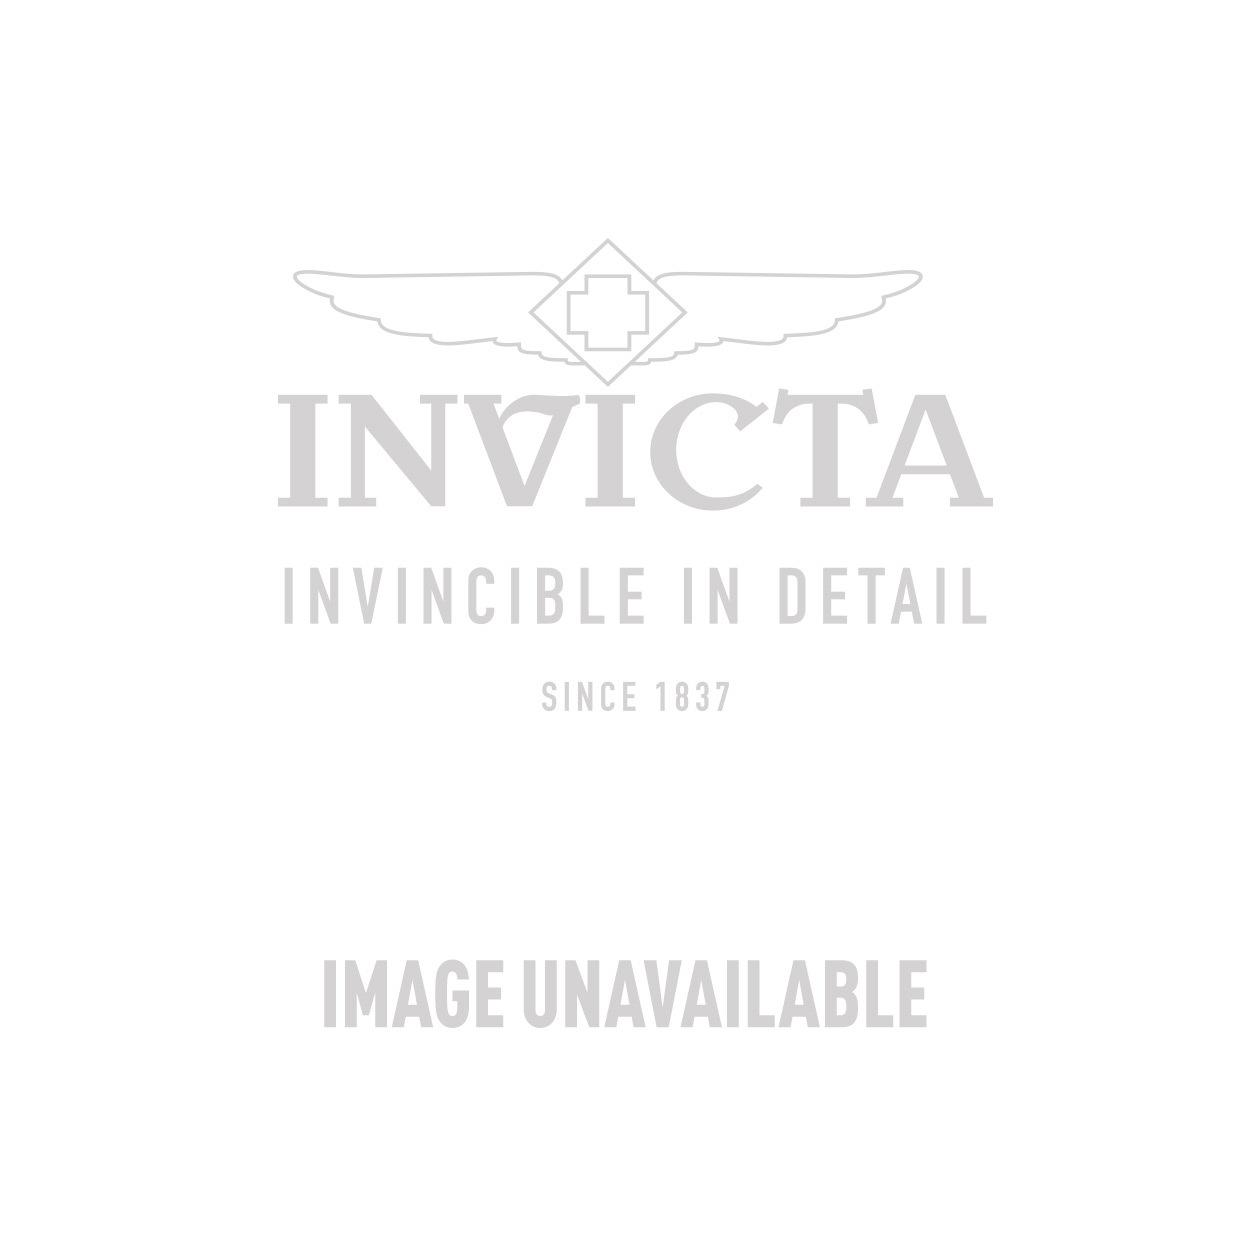 Invicta Model 25862